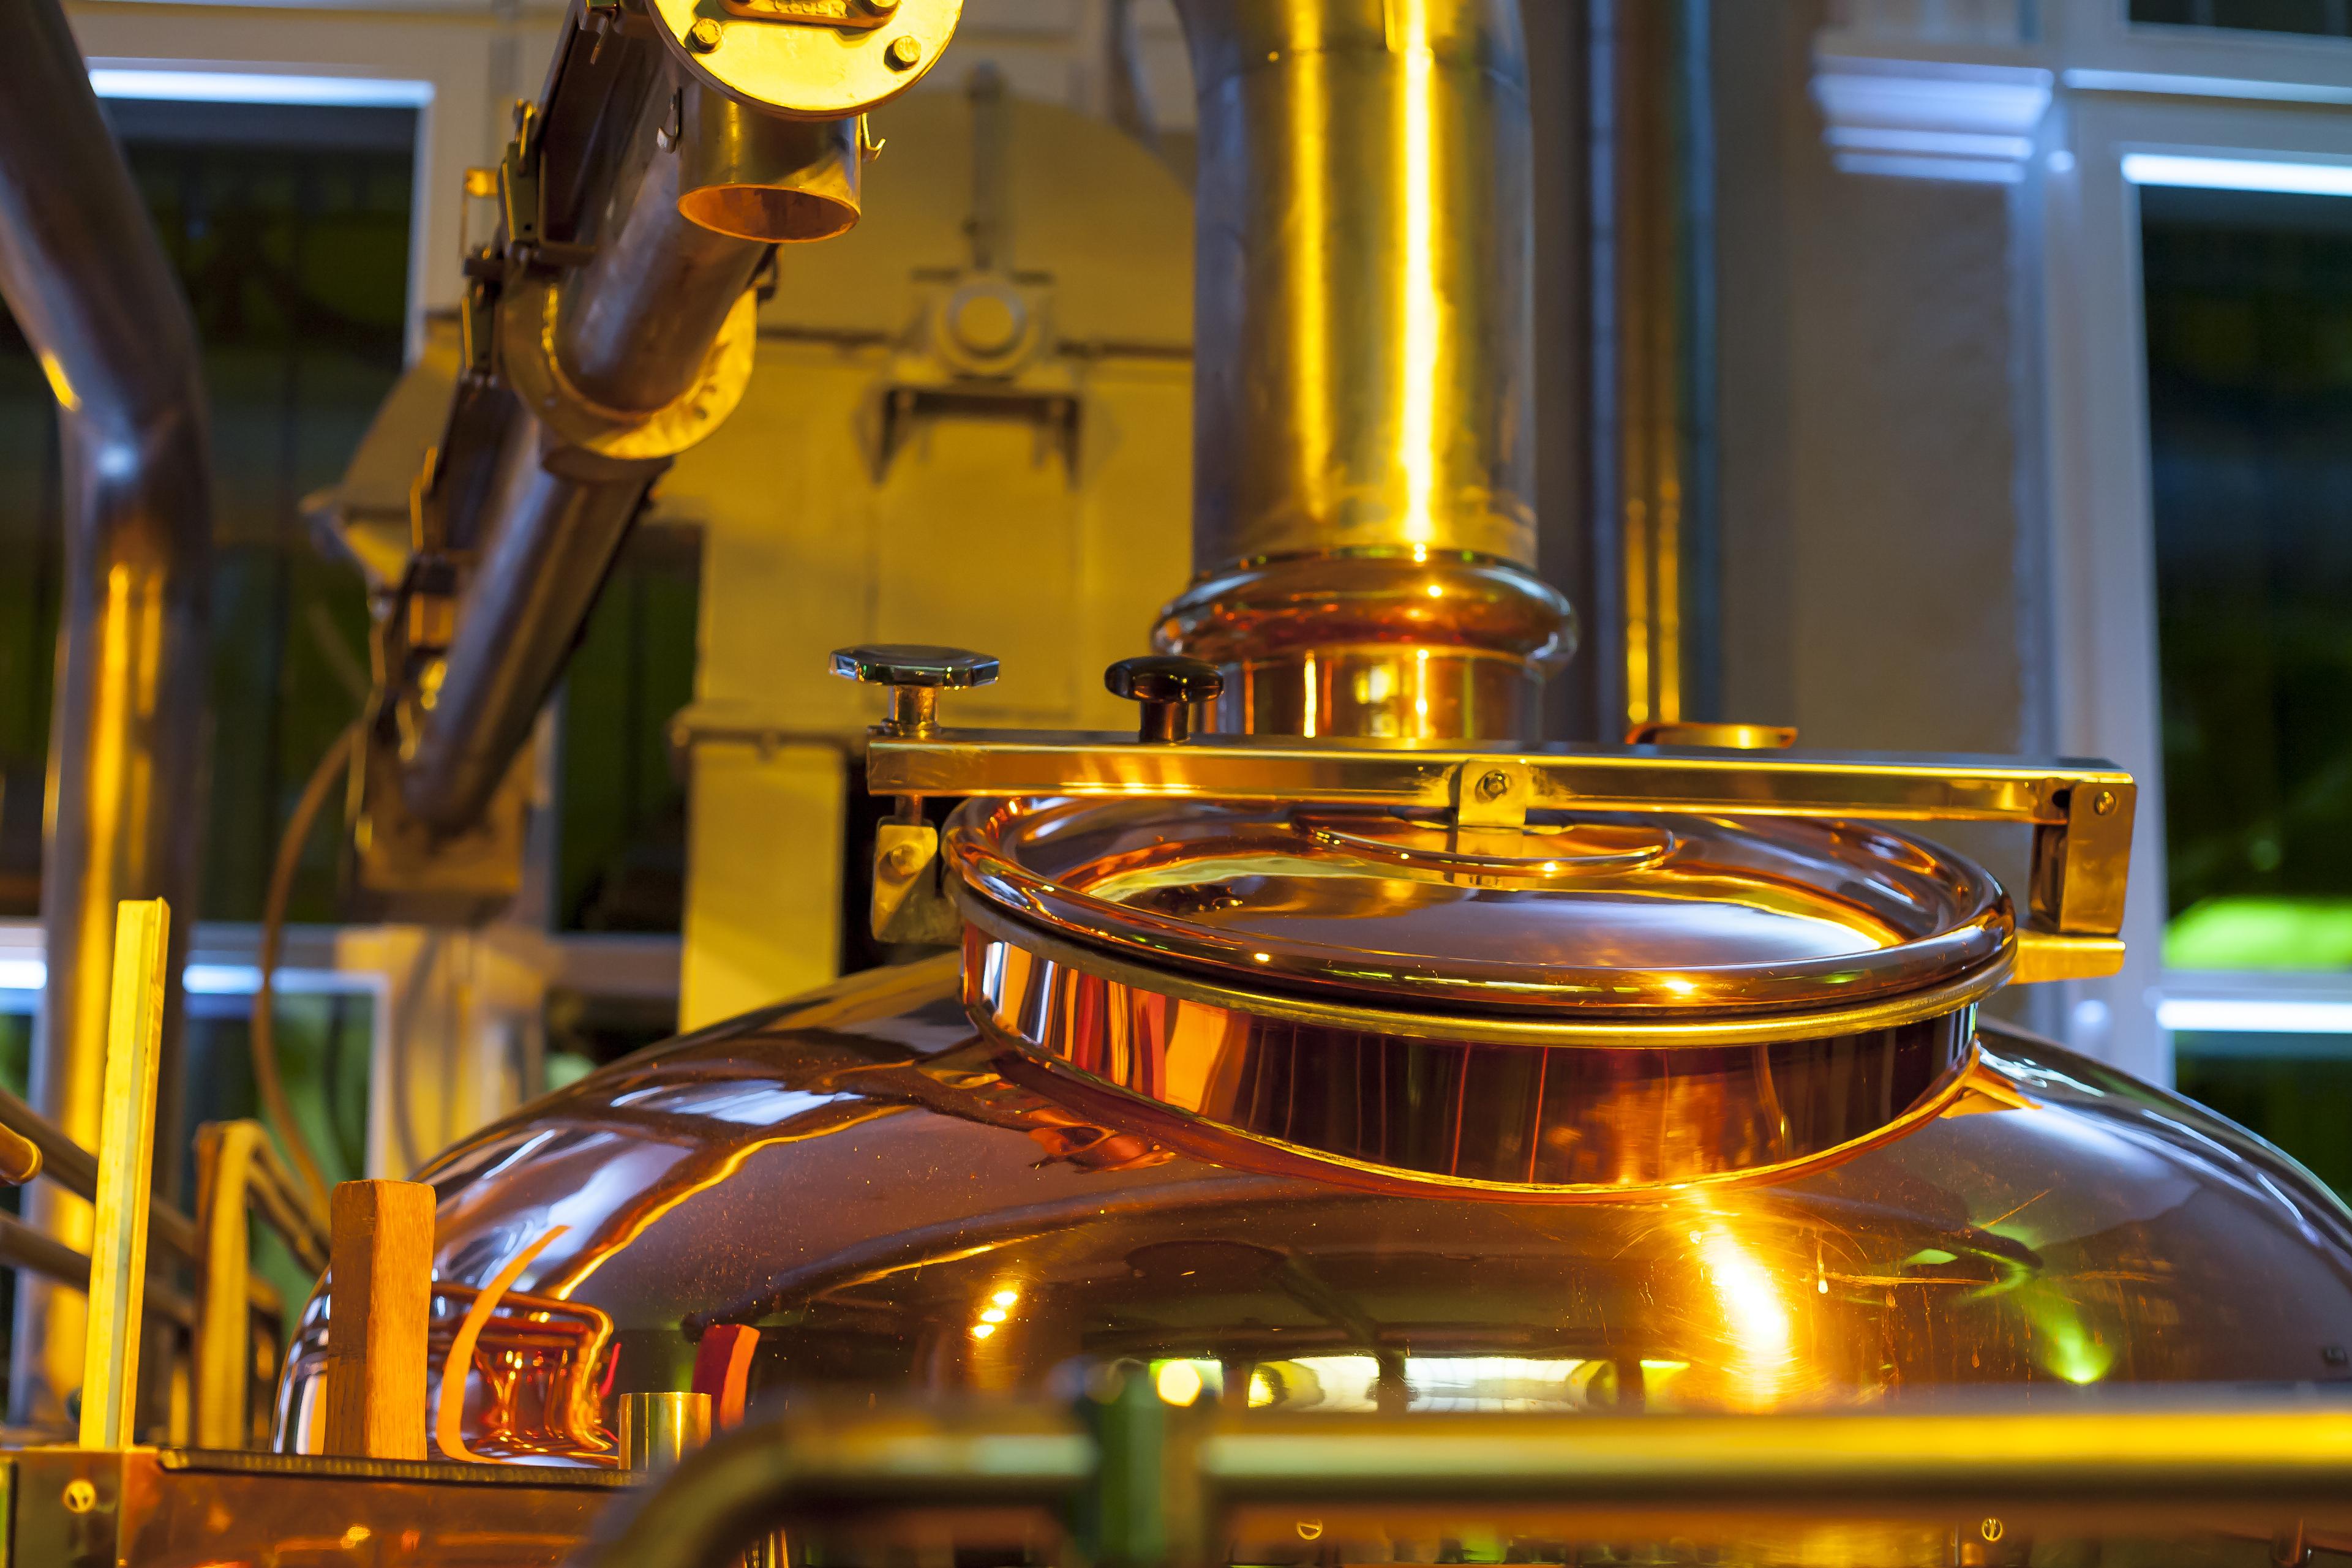 Copper tank in distillery.